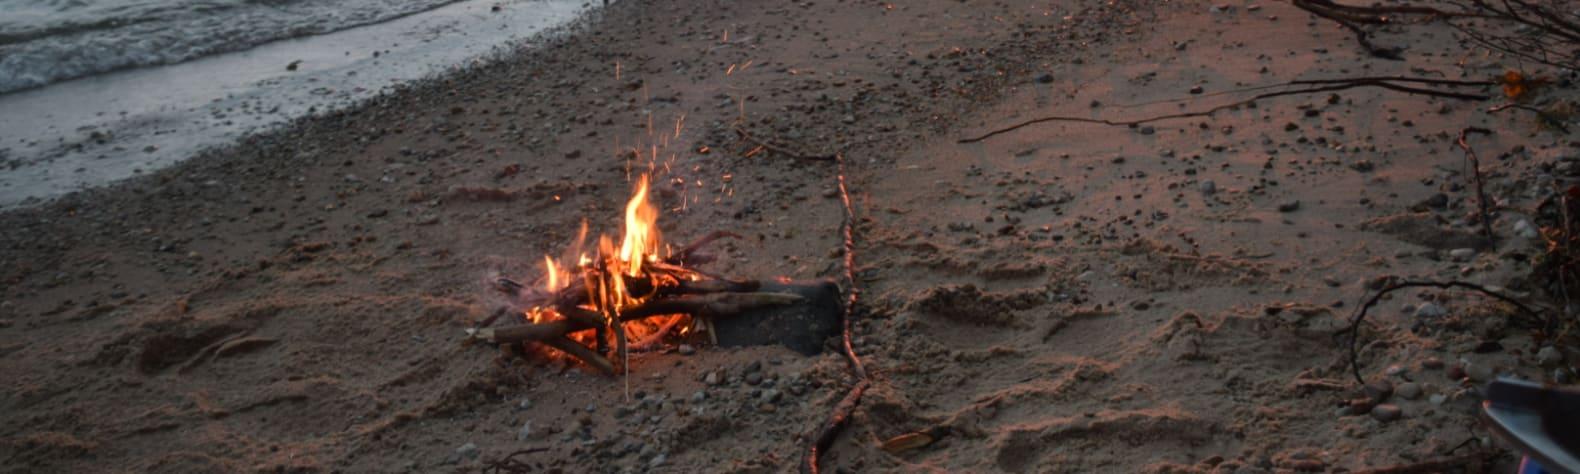 MI Rustic Beach Camp